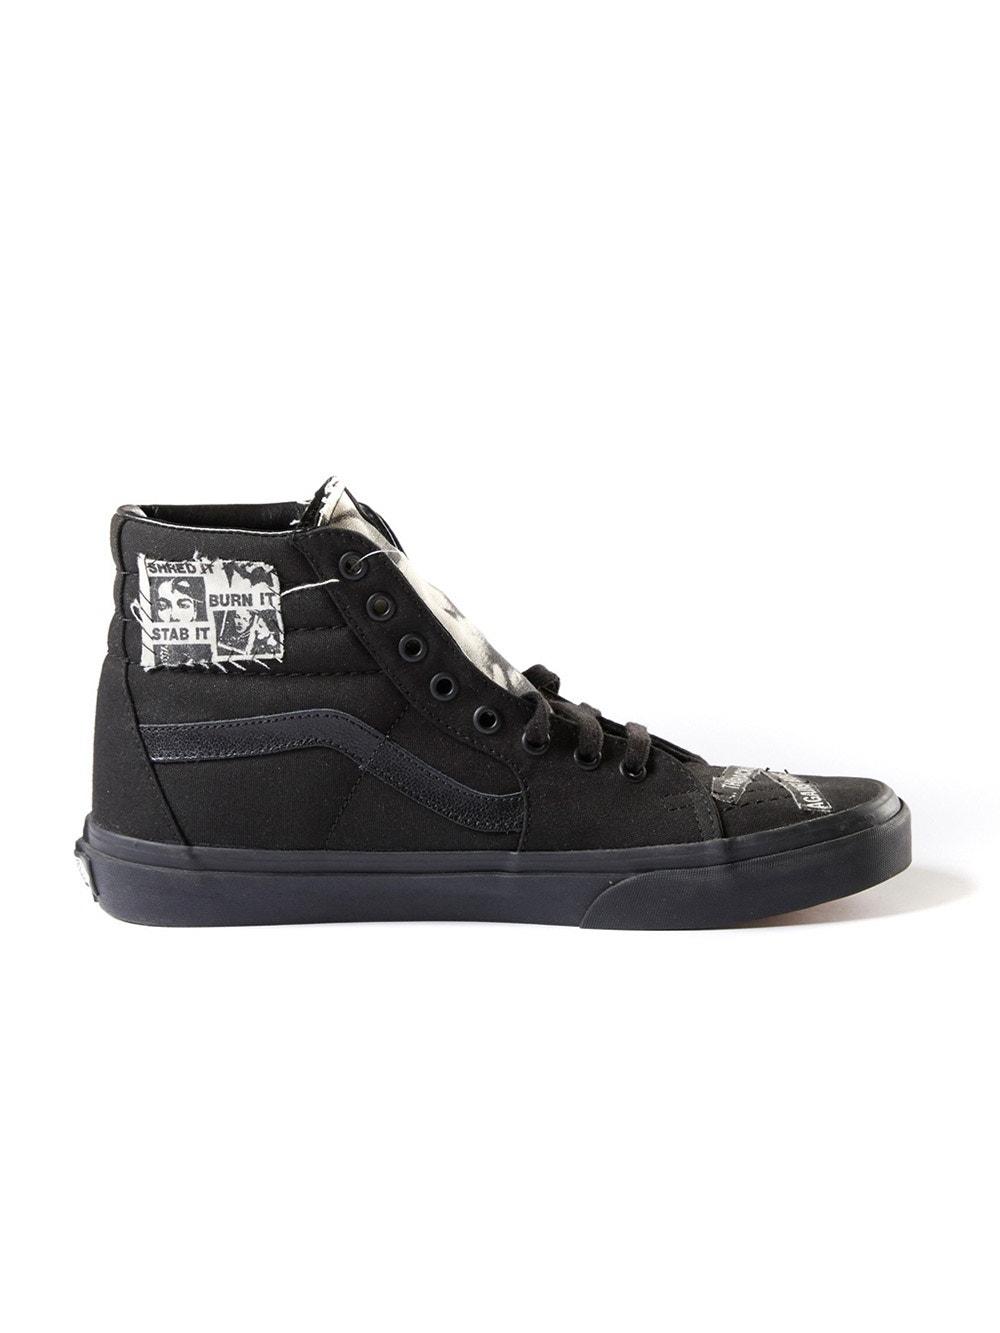 Vans X Enfants Riches Deprimes Sk8 Hi Sneakers Black | The Webster